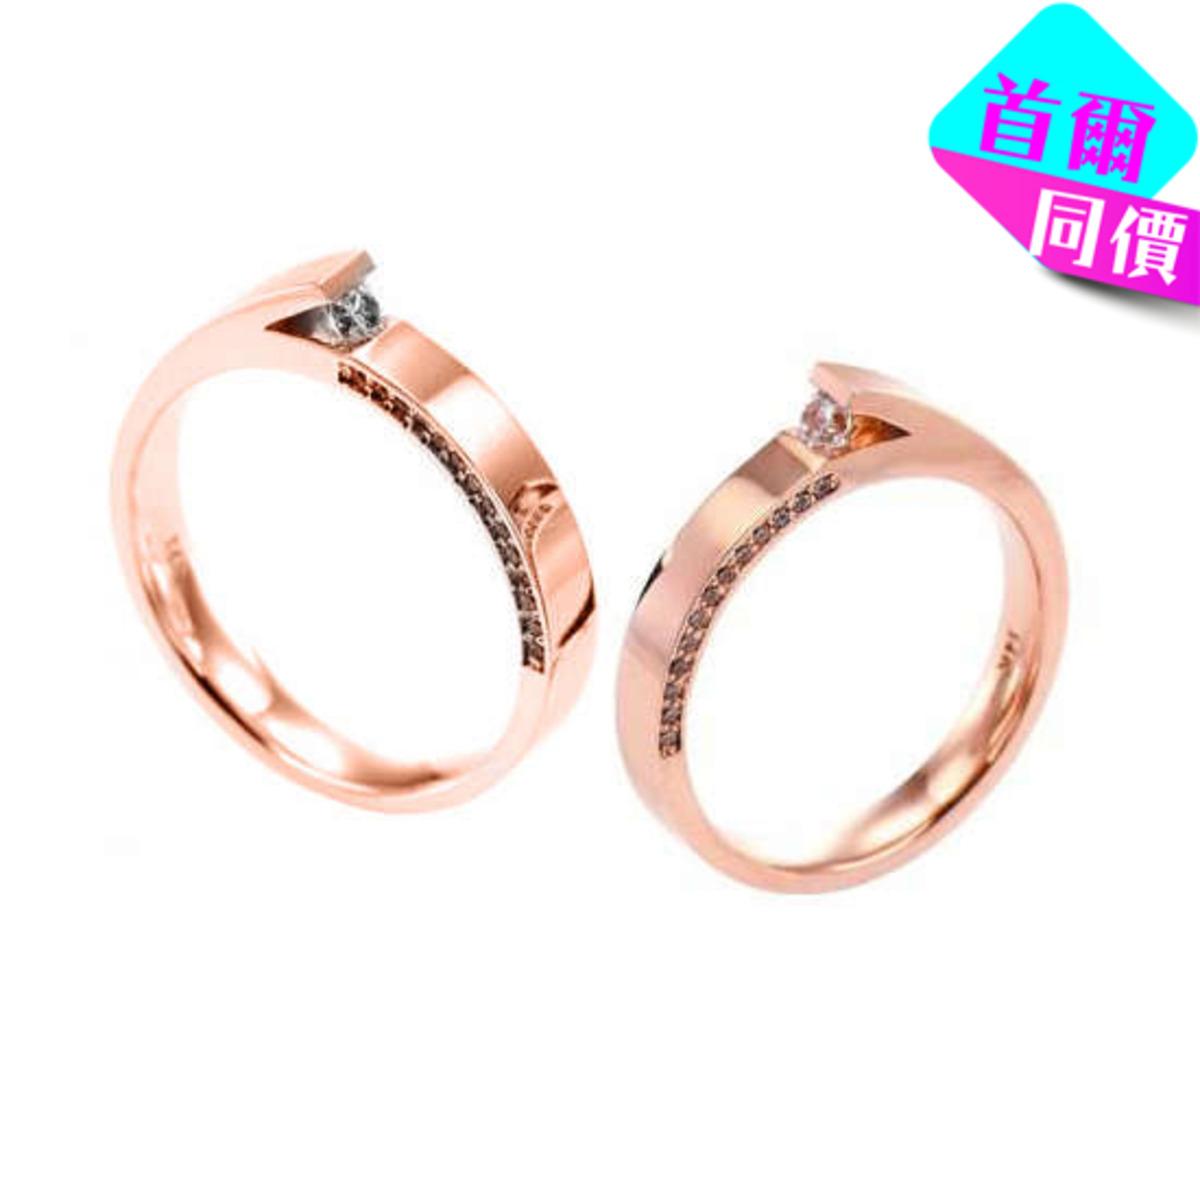 14K 側邊鑲石情侶戒指 (女款)